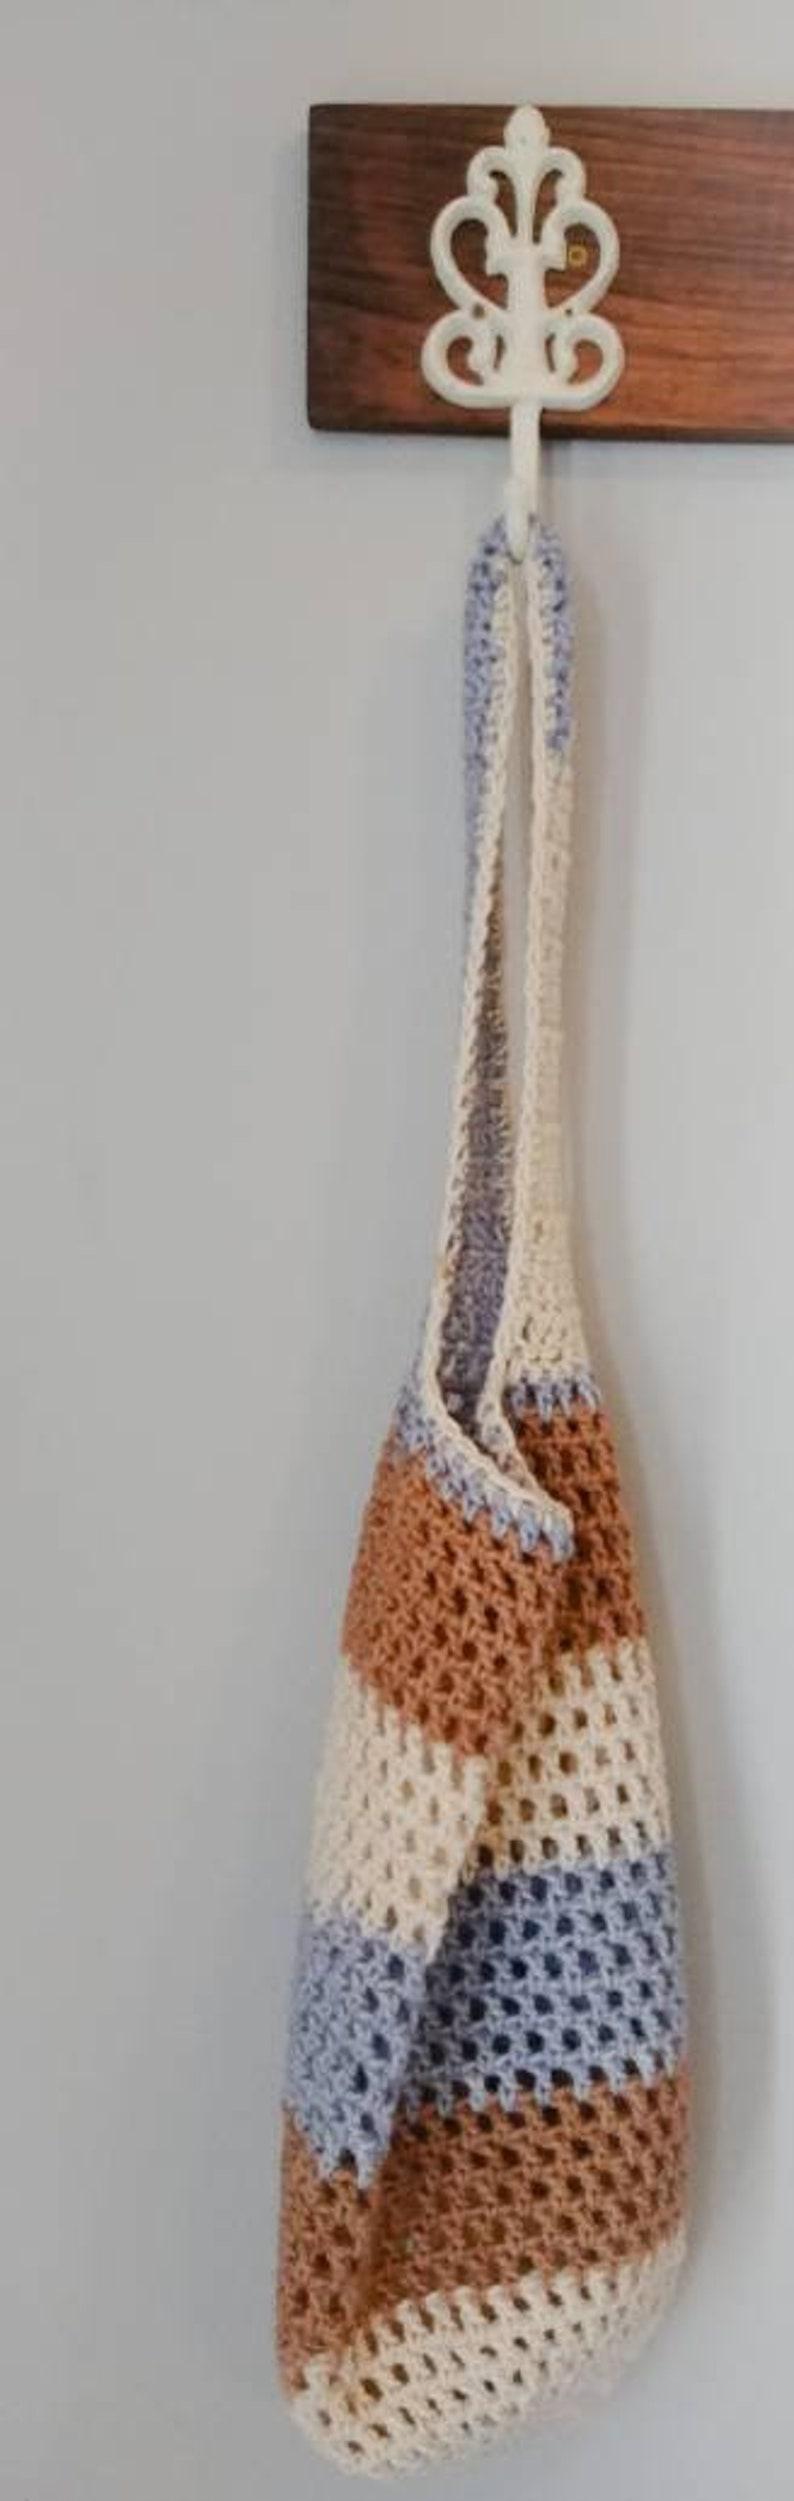 Handmade crochet market tote.Handmade market bag.Blue and tan market tote bag.Crochet market bag.Fruit and veggie bag.Reusable grocery bags